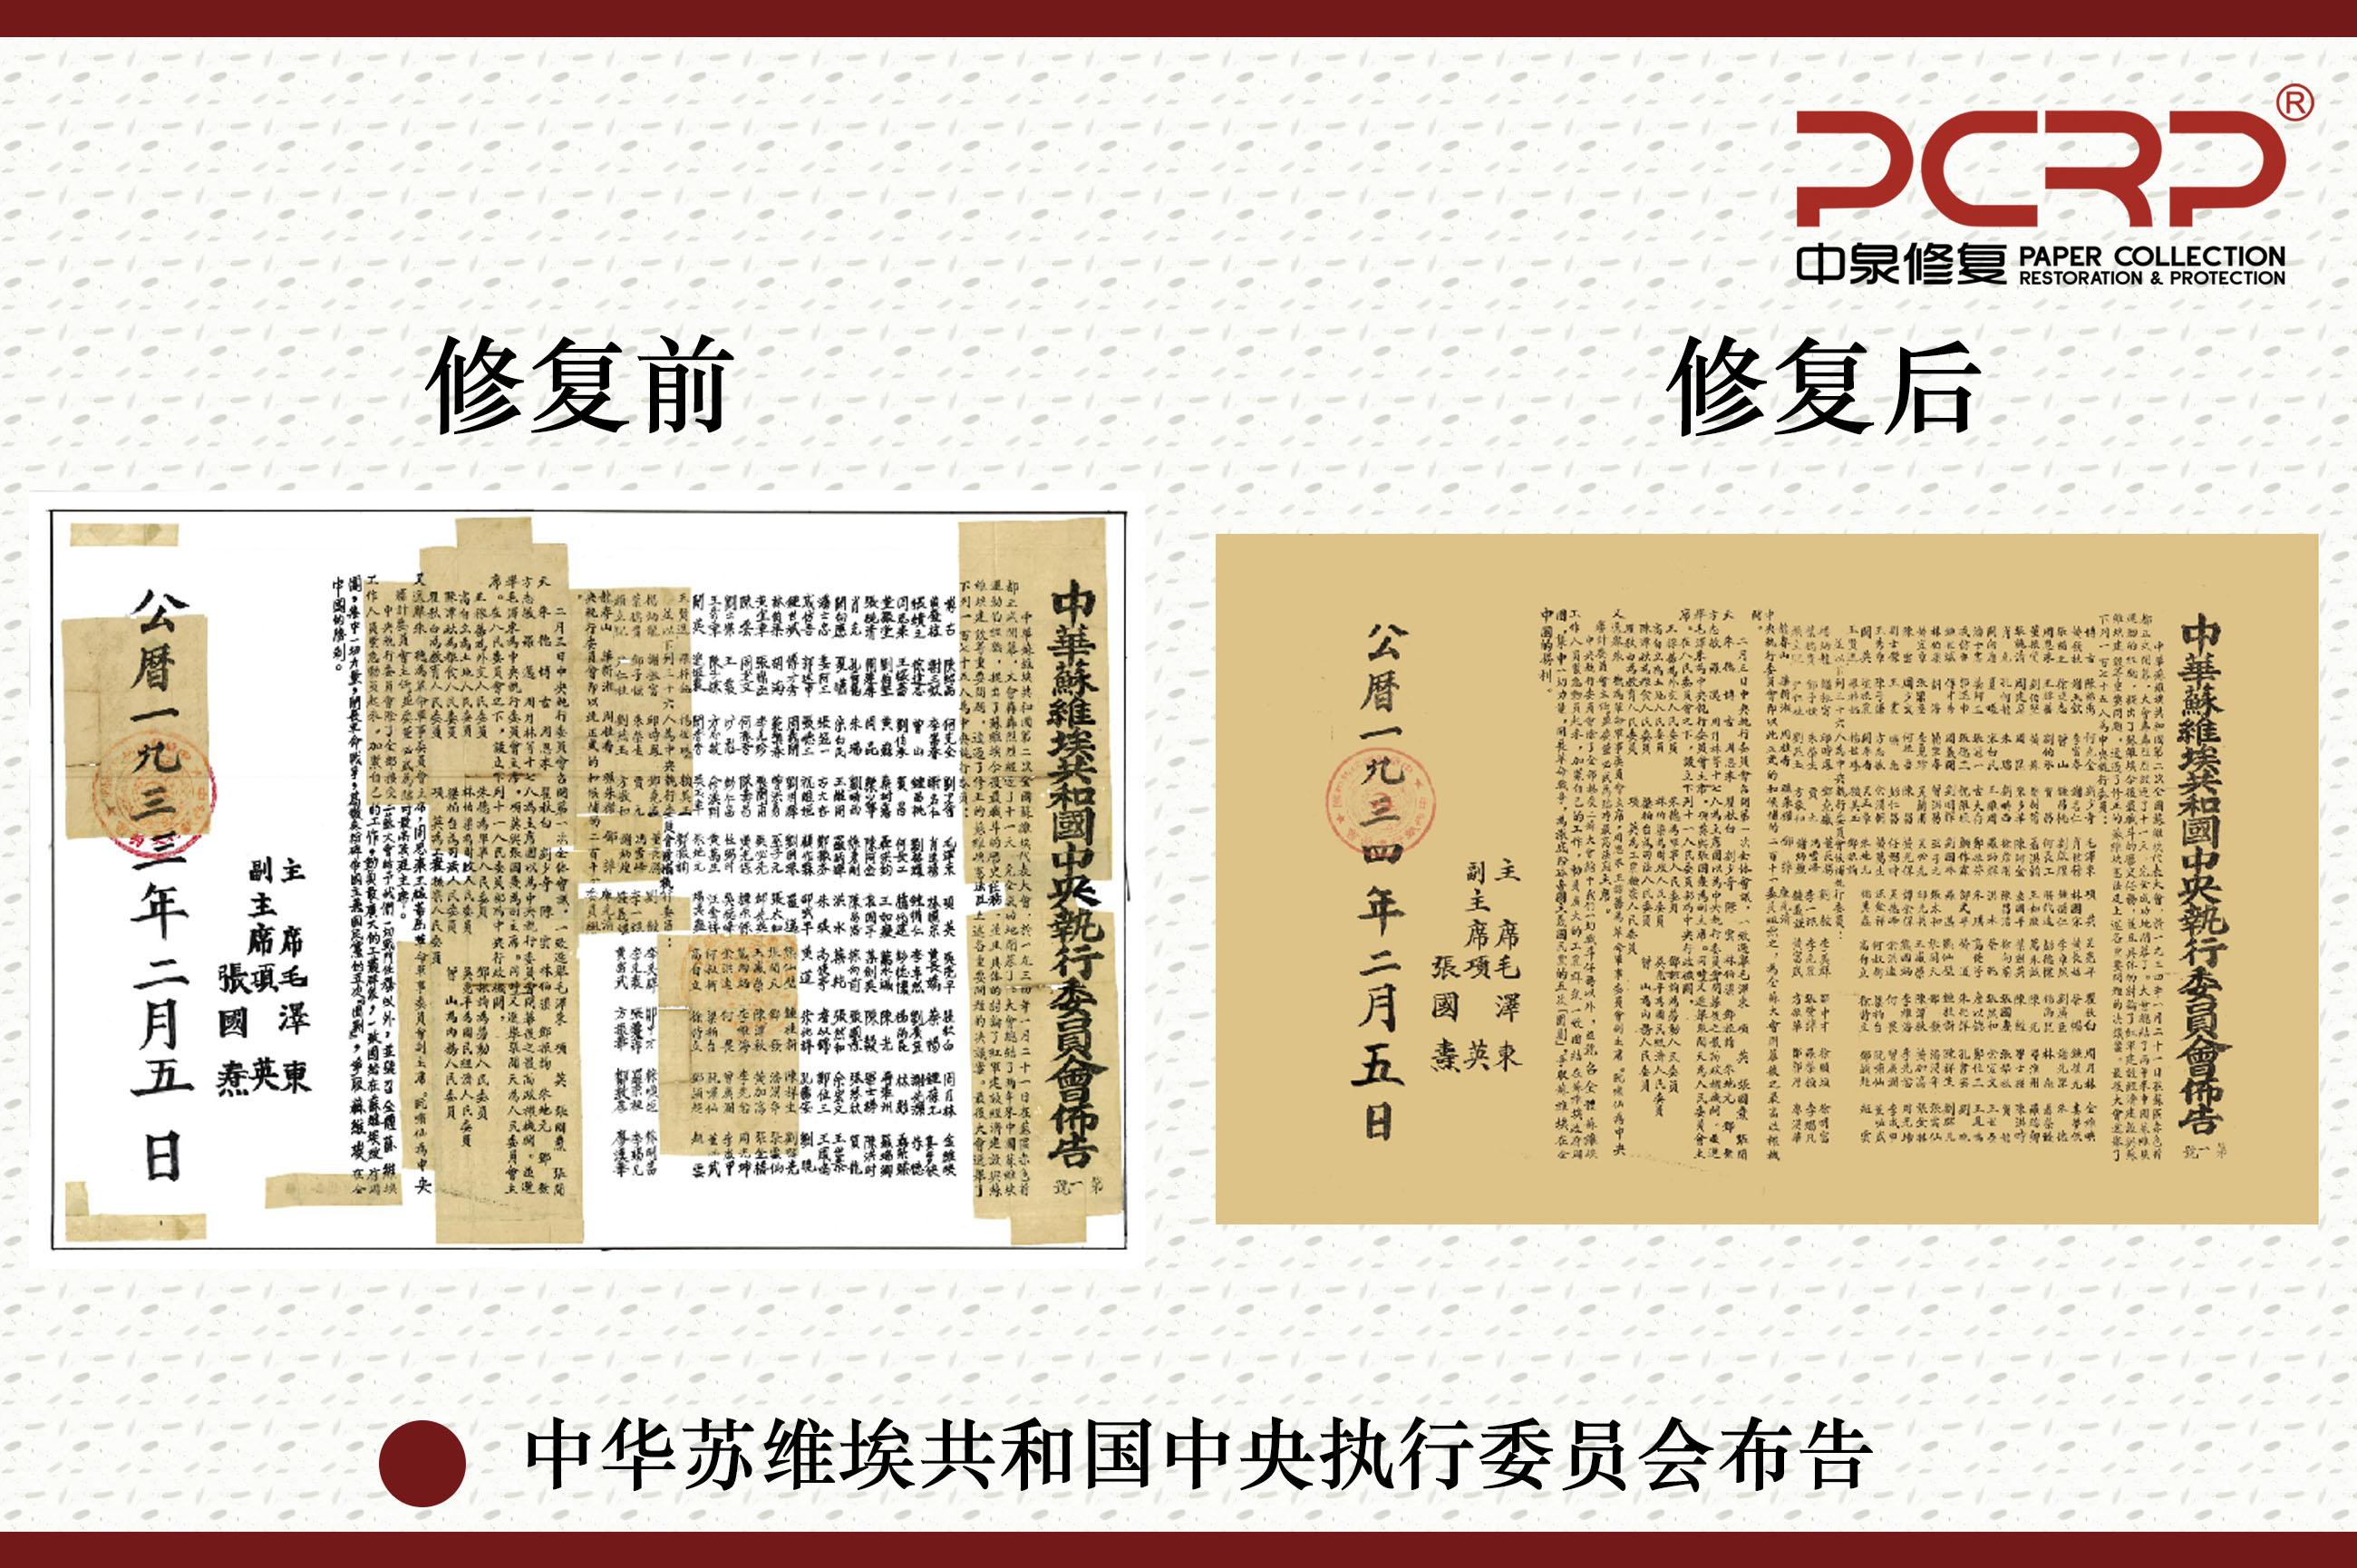 中华苏维埃共和国中央执行委员会布告修复